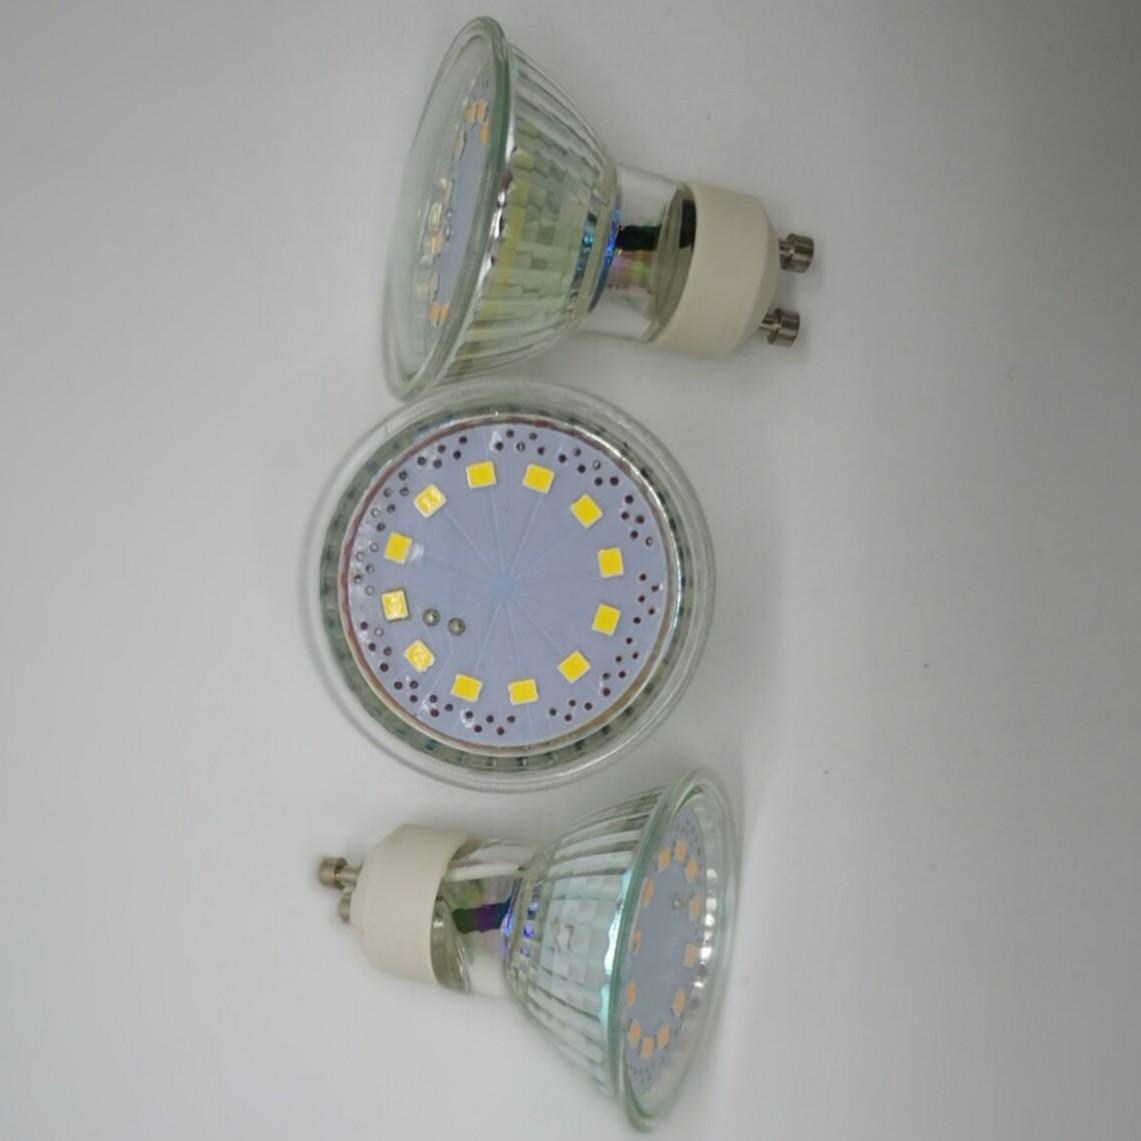 Venda por grosso de lâmpadas SMD 3W AC230v GU10 spotlights AC220V LED Bulbo cerâmico vidro quente branco 3000K 4000K Ra80 transporte gratuito